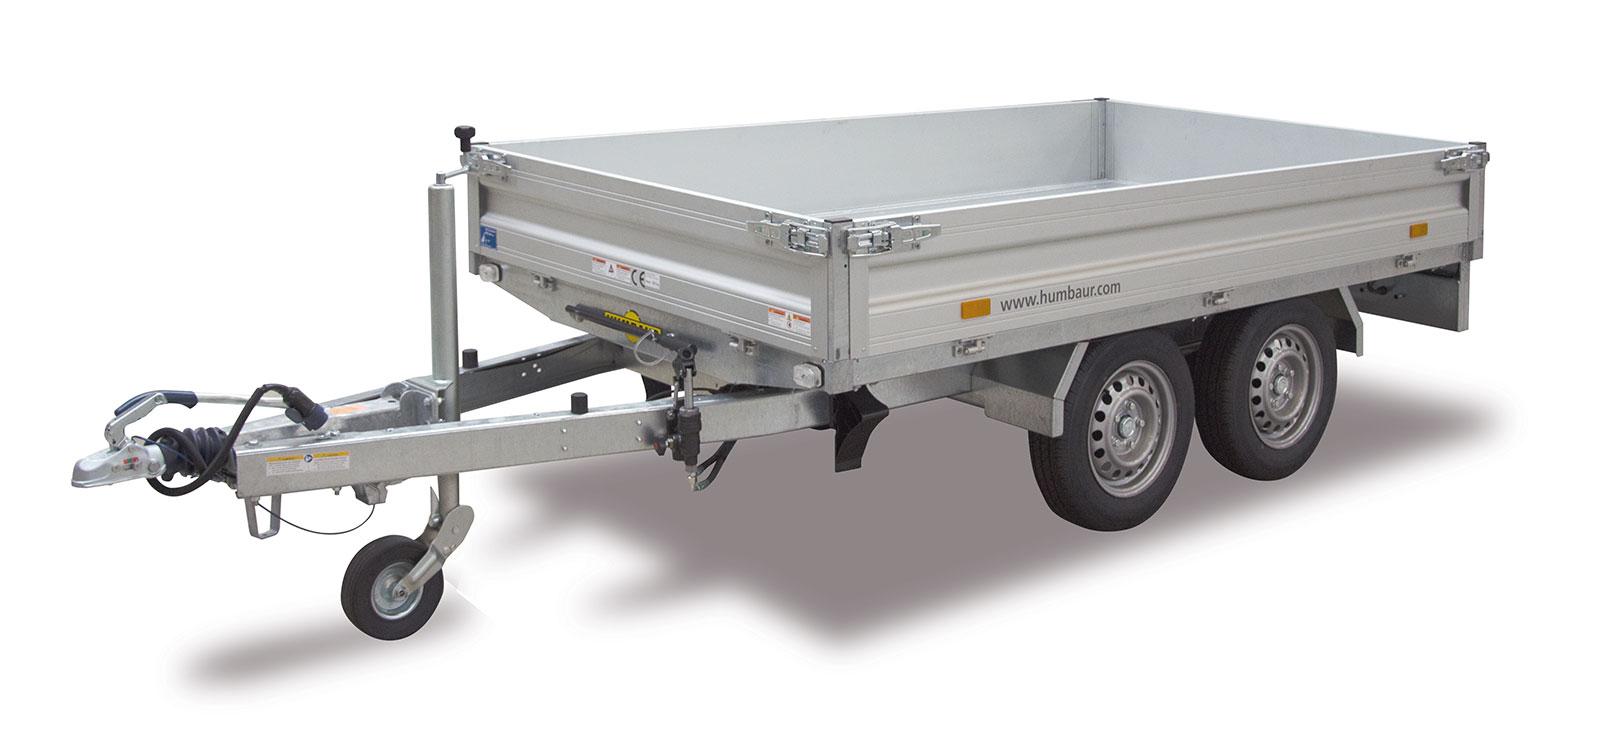 Humbaur Serie 3000 Rückwärtskipper HUK 272715-0